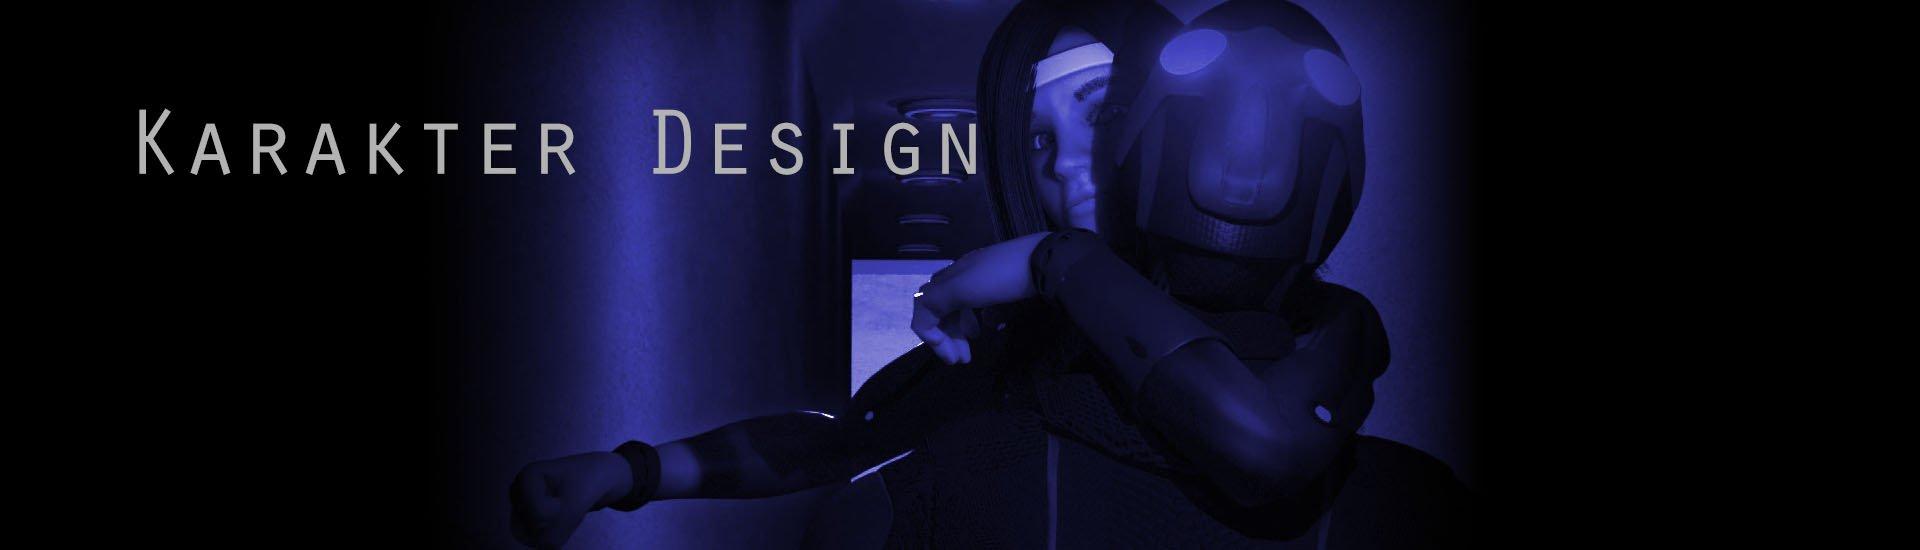 3d karakter dizájn, karakter tervezés,karakter modellezés